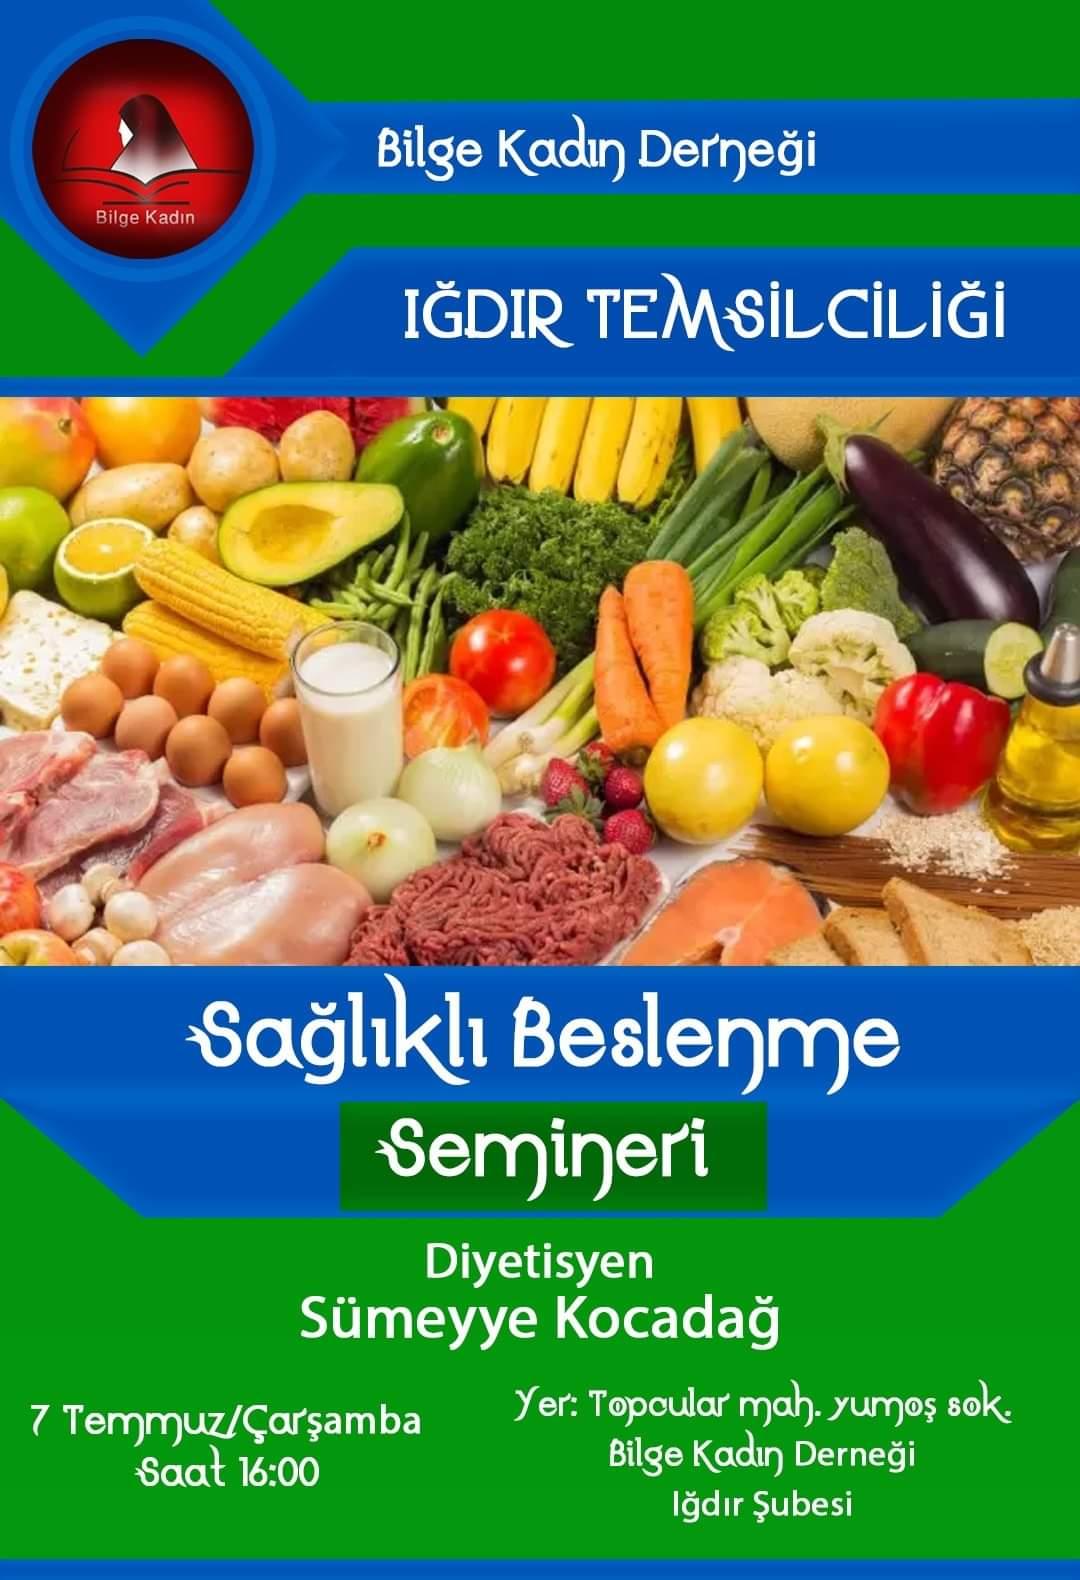 Bilge Kadın Derneğinden Sağlıklı Beslenme Semineri